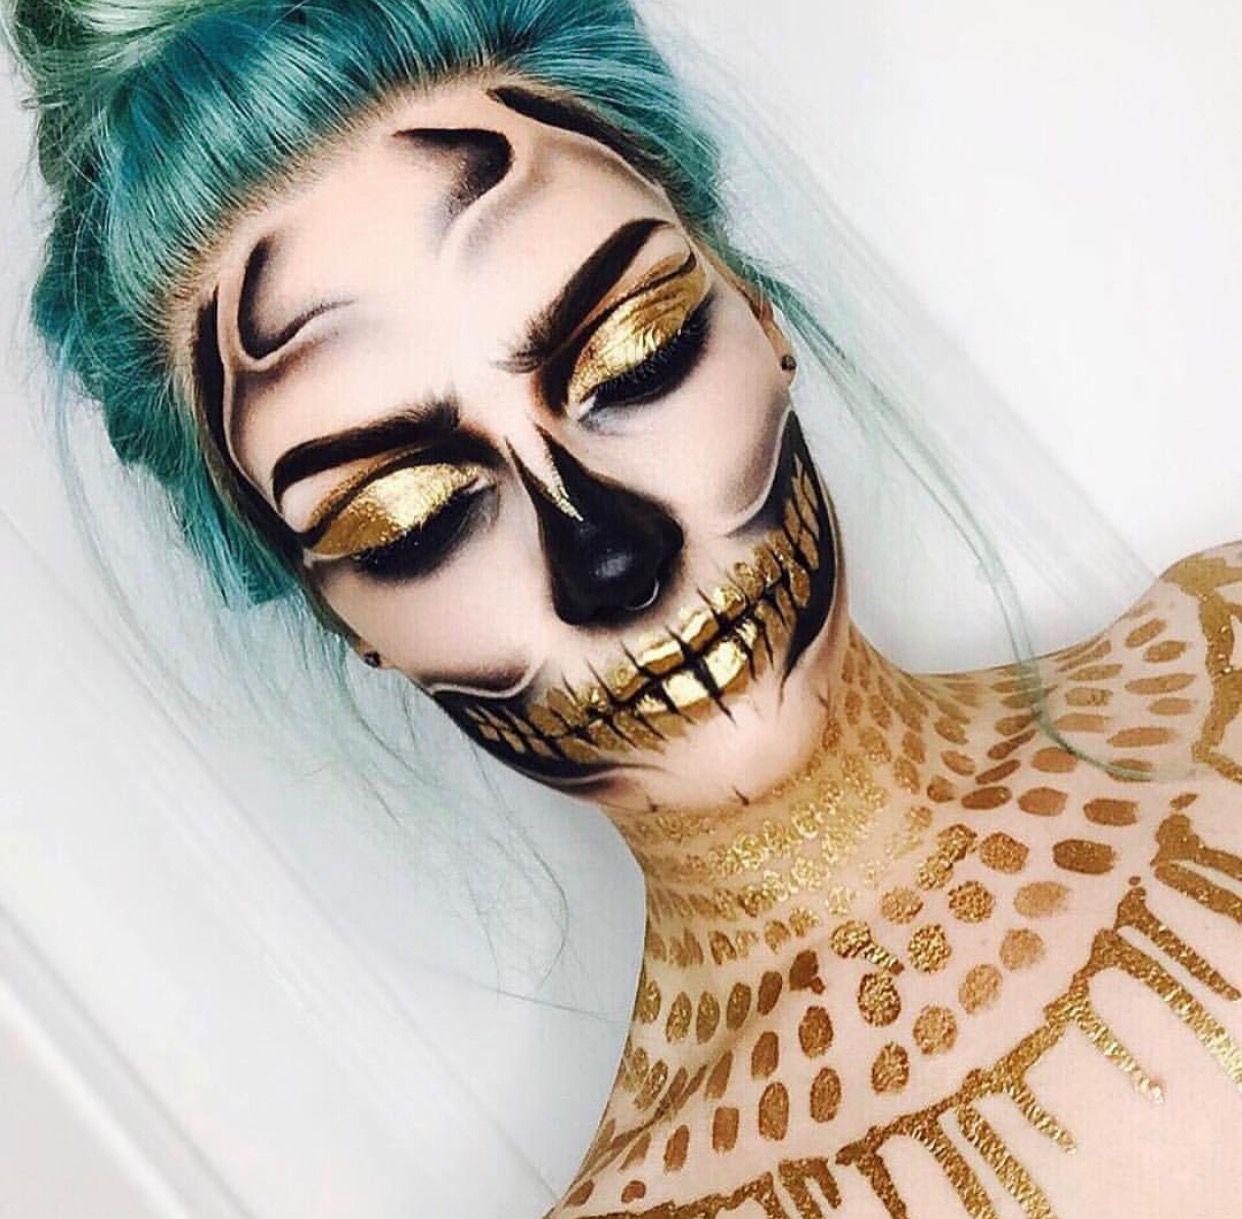 Pin by lola y lluch málaga on halloween caracterización fantasía